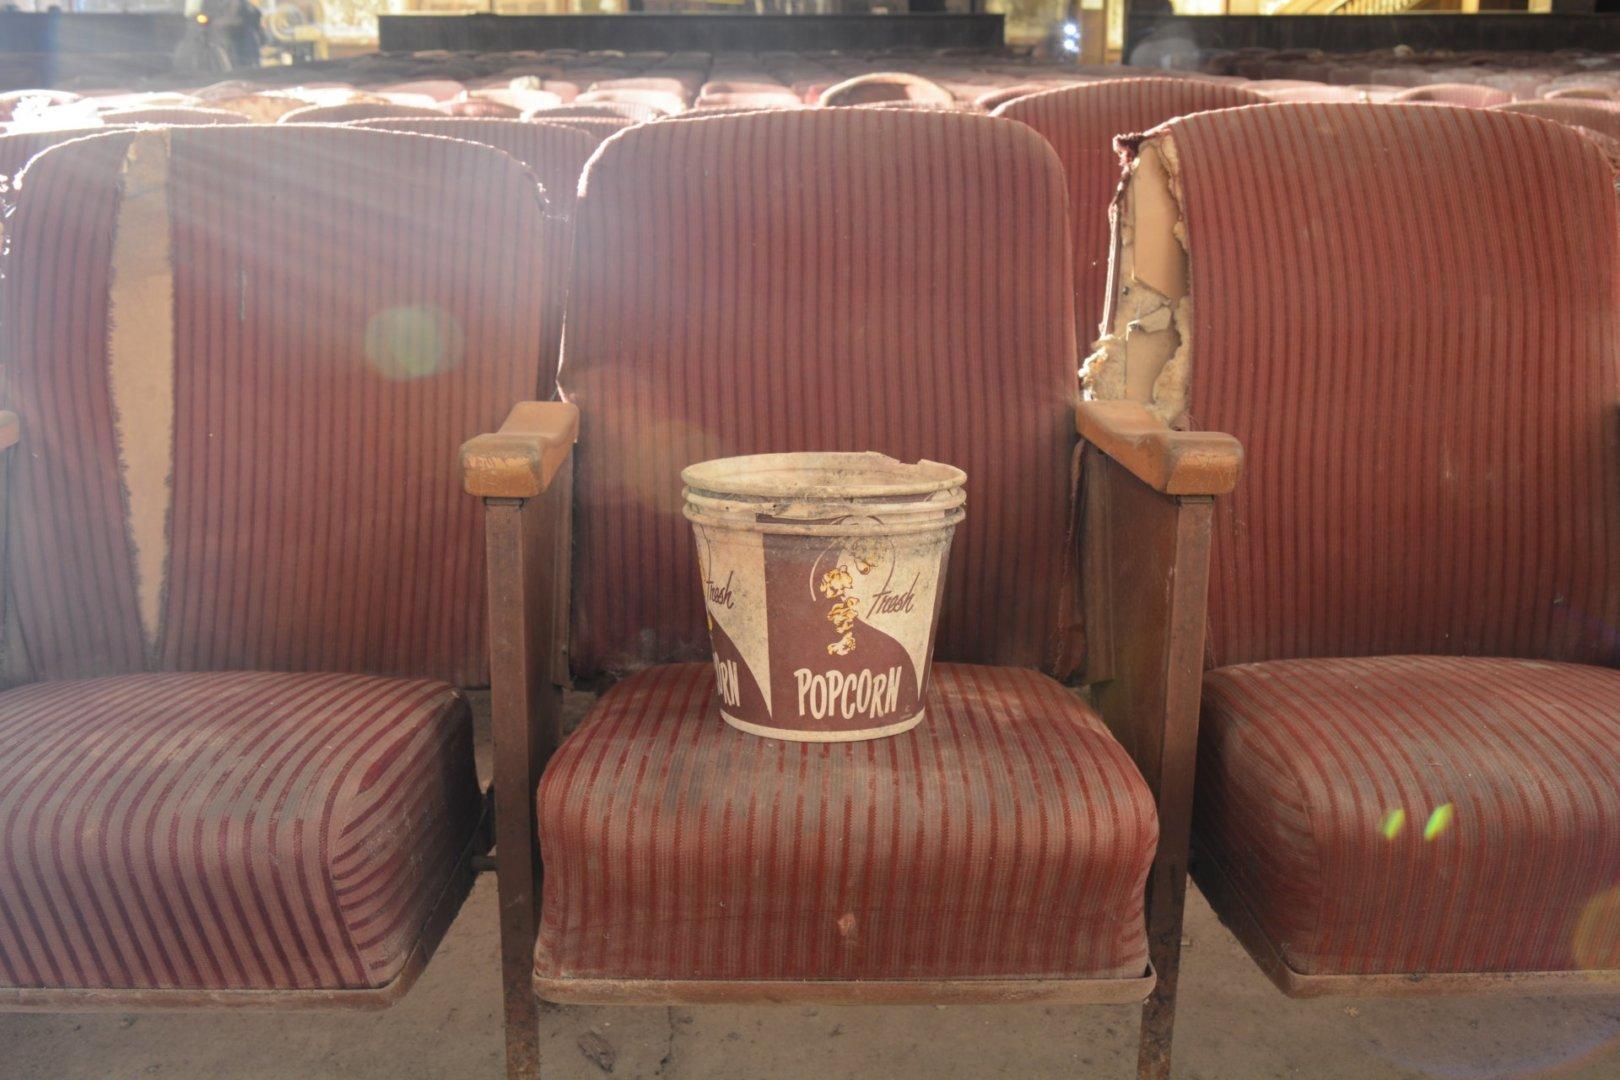 Cinema abandonado por Flickr / Cory Seamer